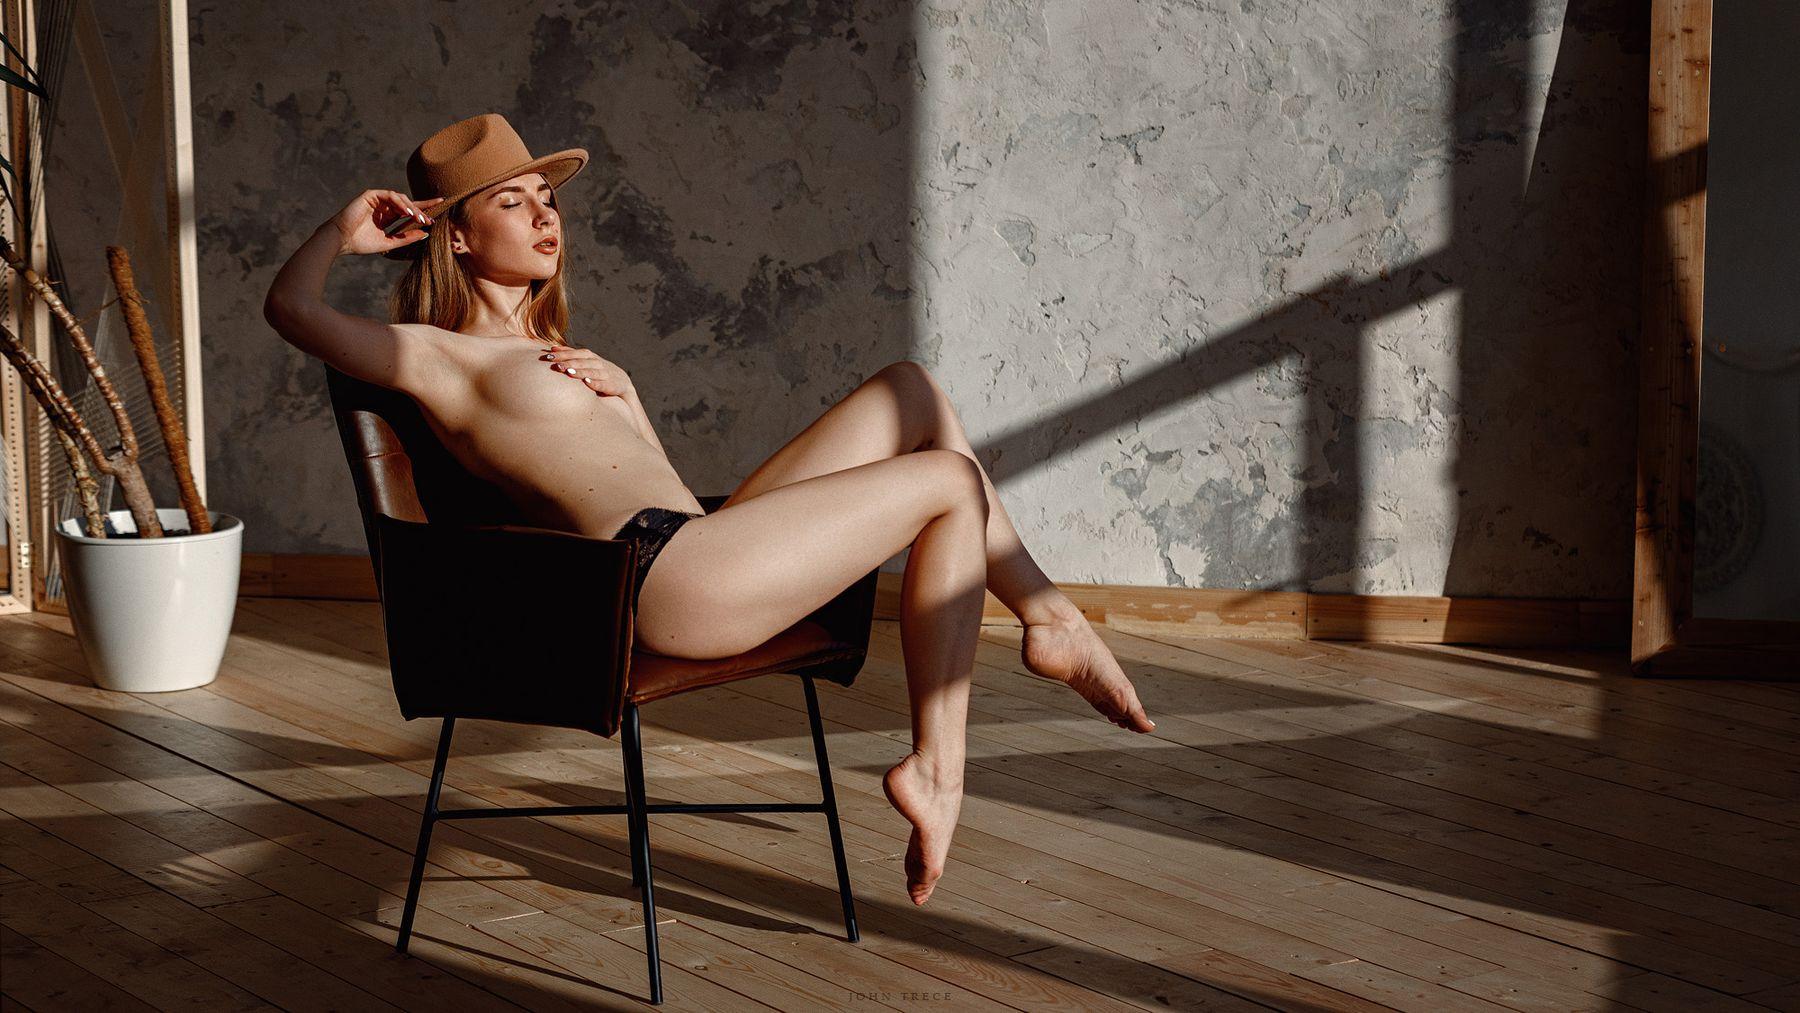 Nastya девушка на стуле в студии шляпе красивая фигура нежность ню эротика